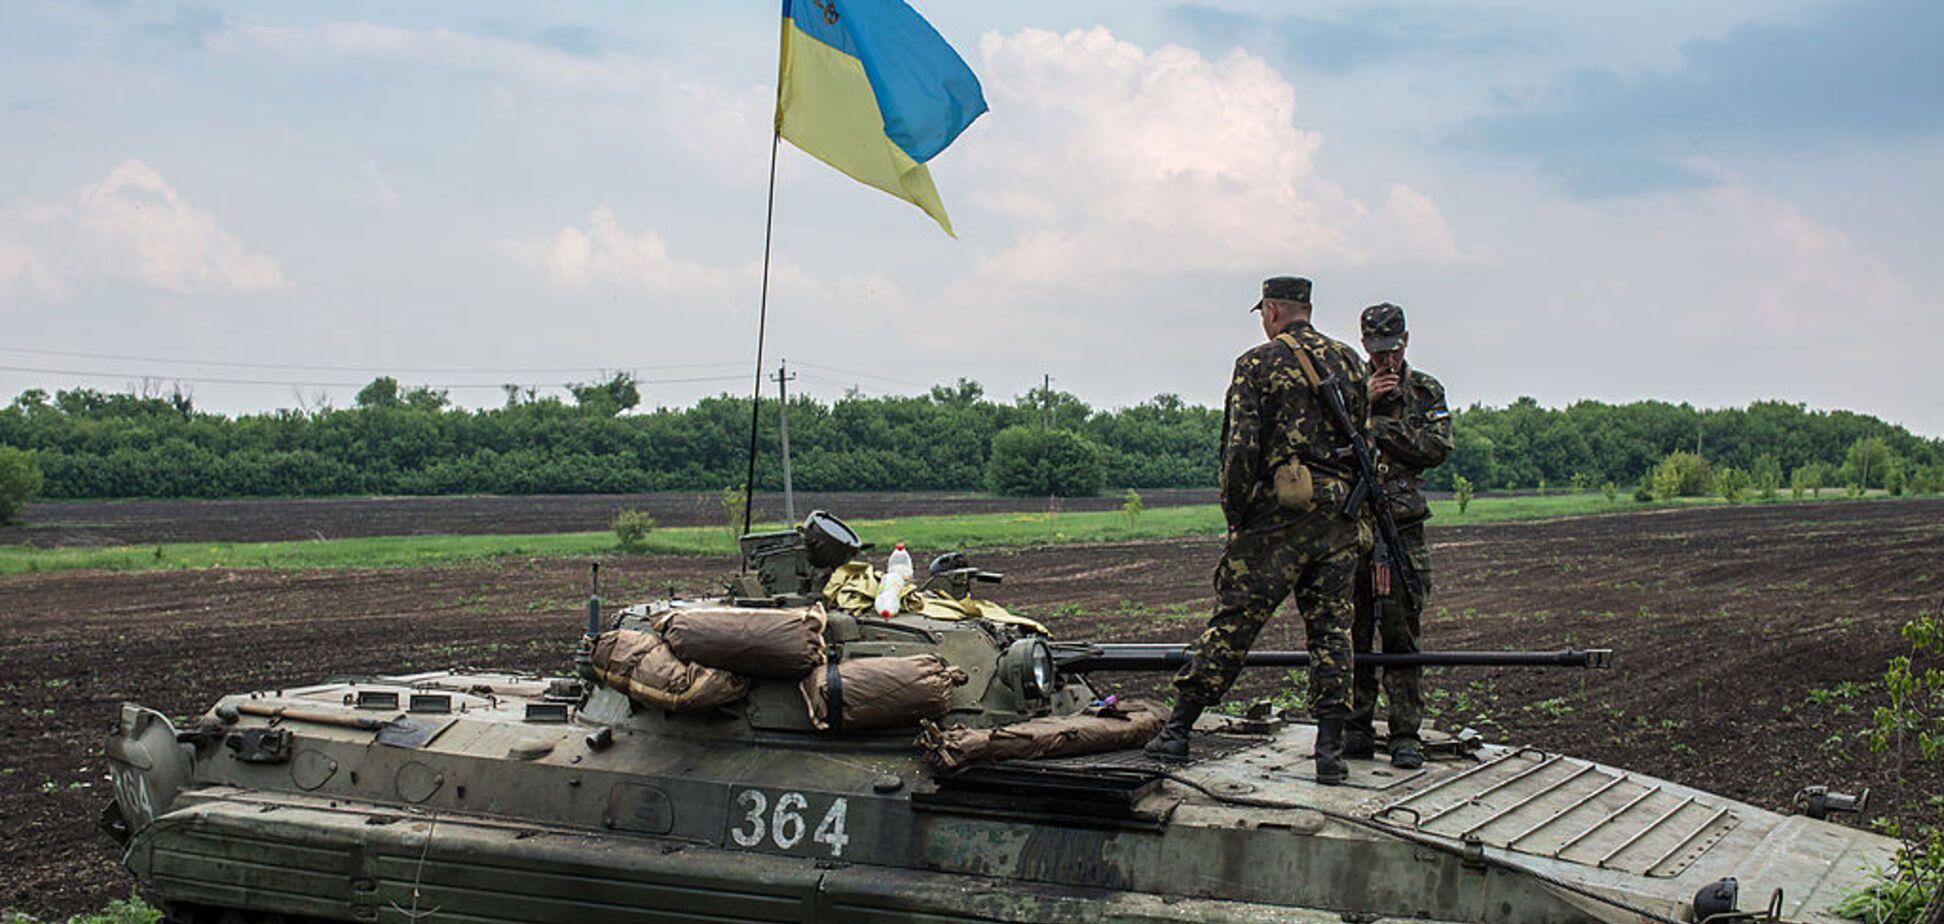 Россия готовится к войне: генерал АТО рассказал, какой ответ может дать Украина